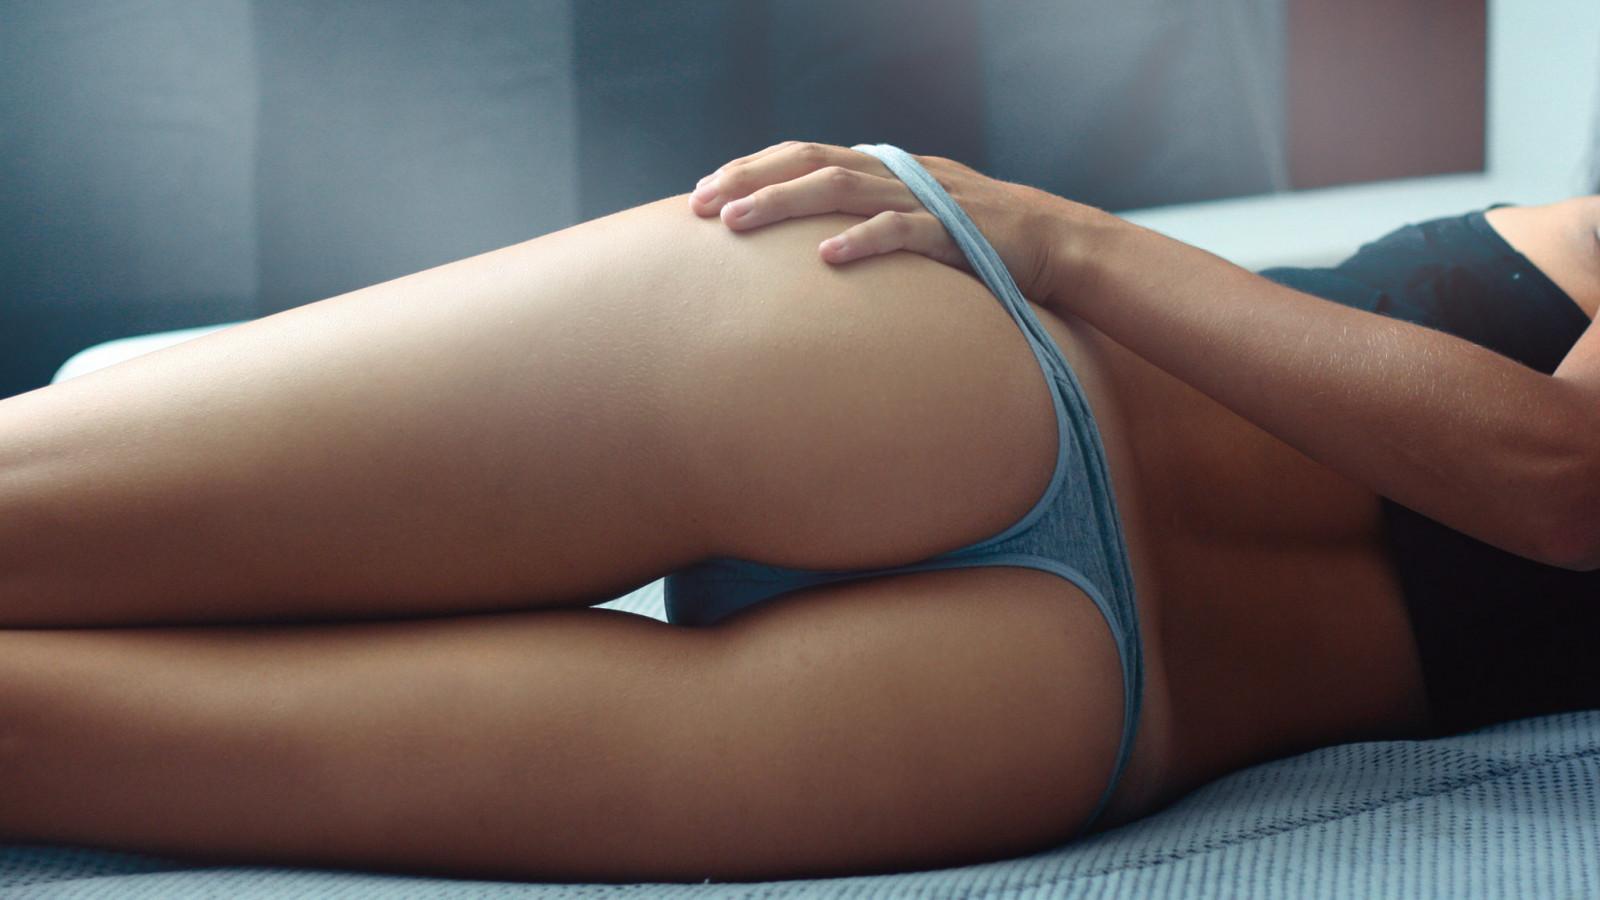 Panties Ass